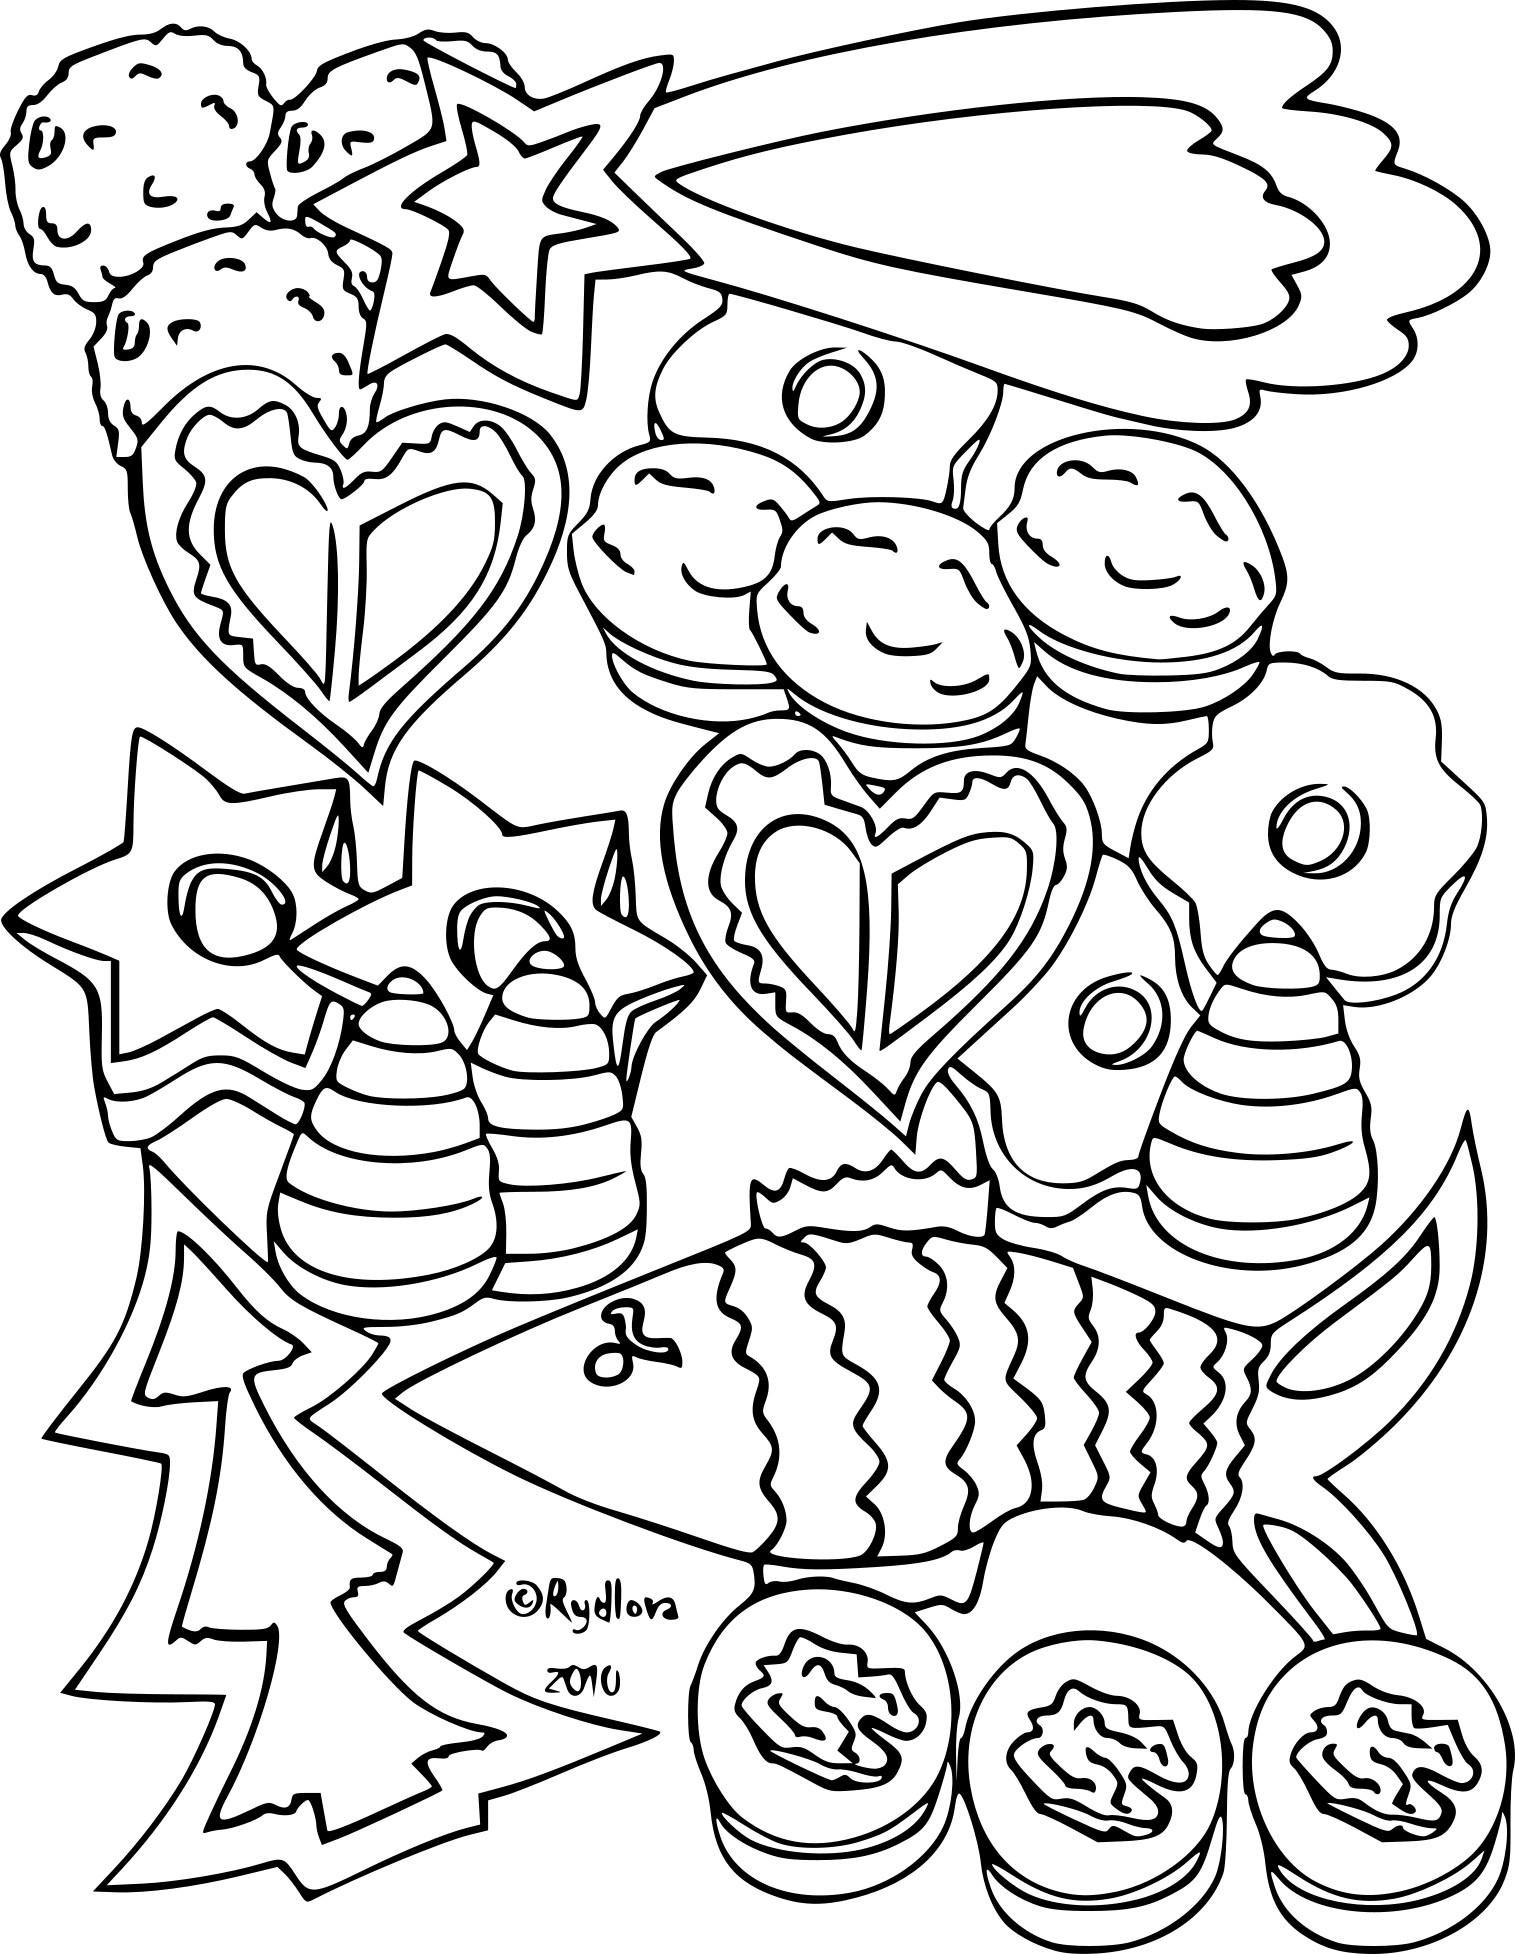 Coloriage Gateau De Noel À Imprimer Sur Coloriages pour Dessin Sur Gateau